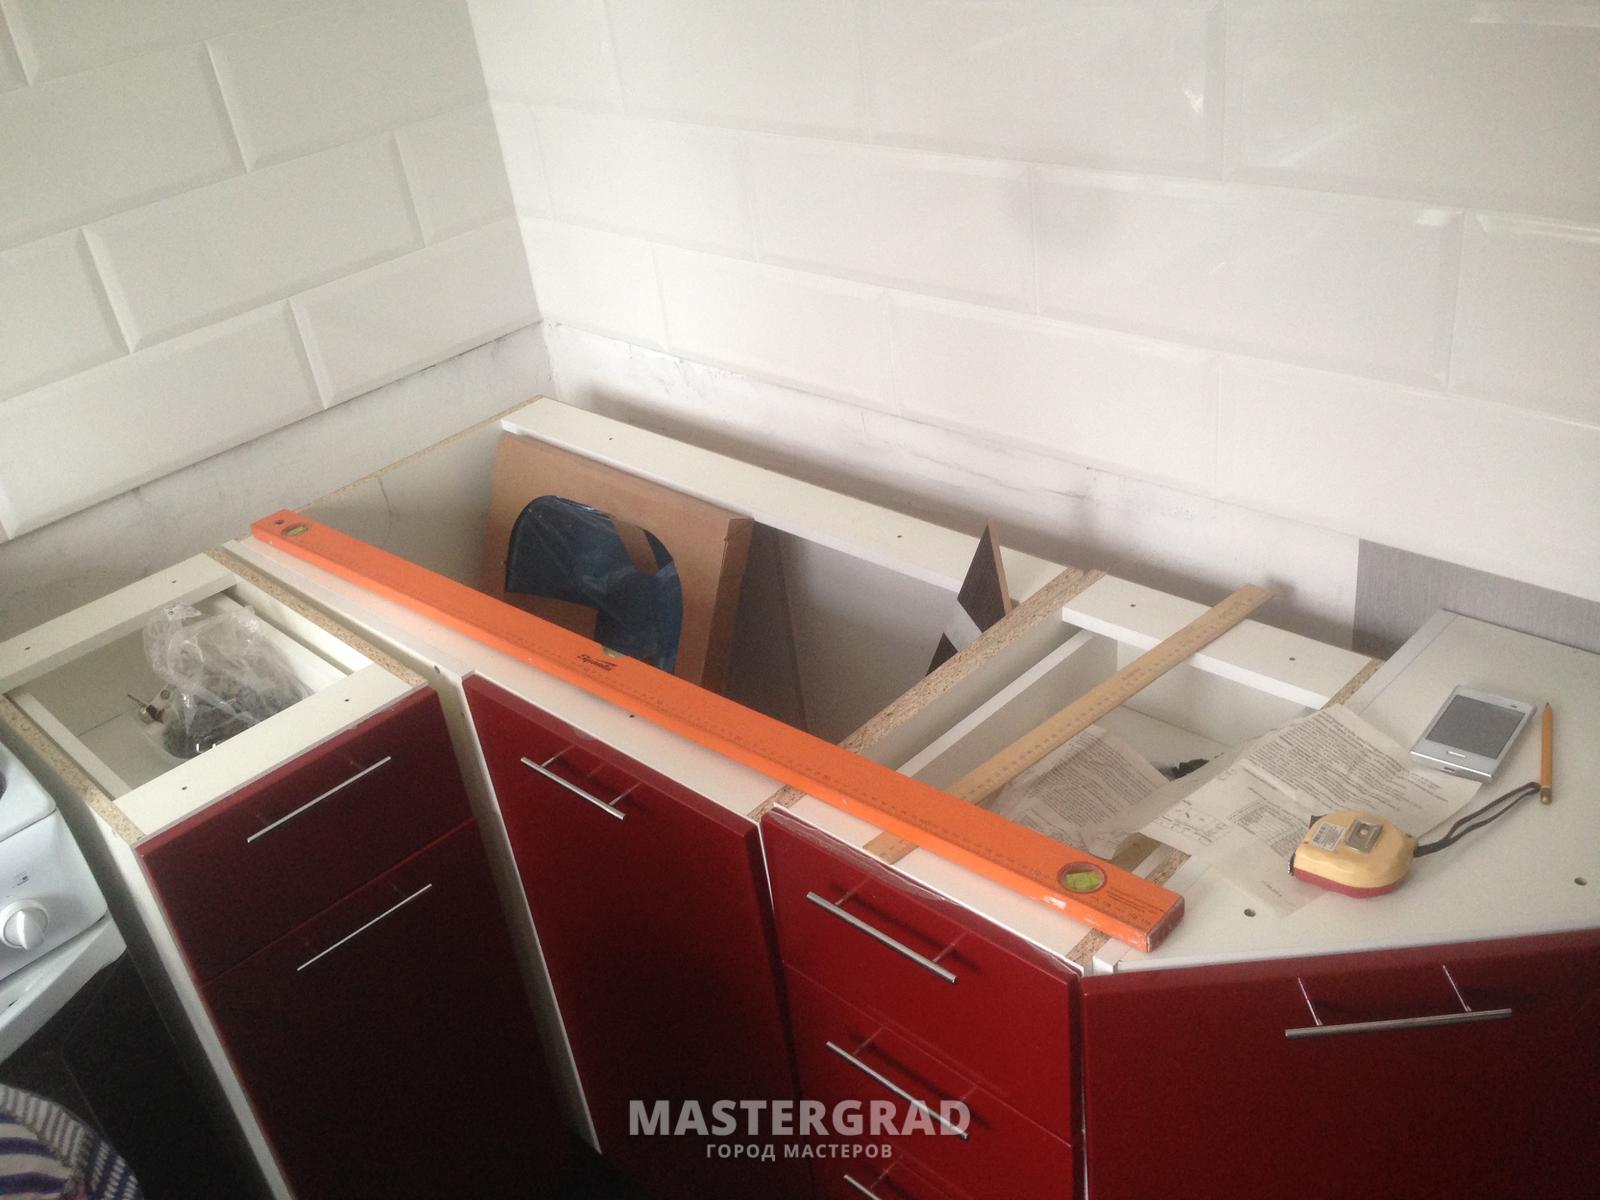 Как сделать угловую кухню своими руками: чертеж, размеры и